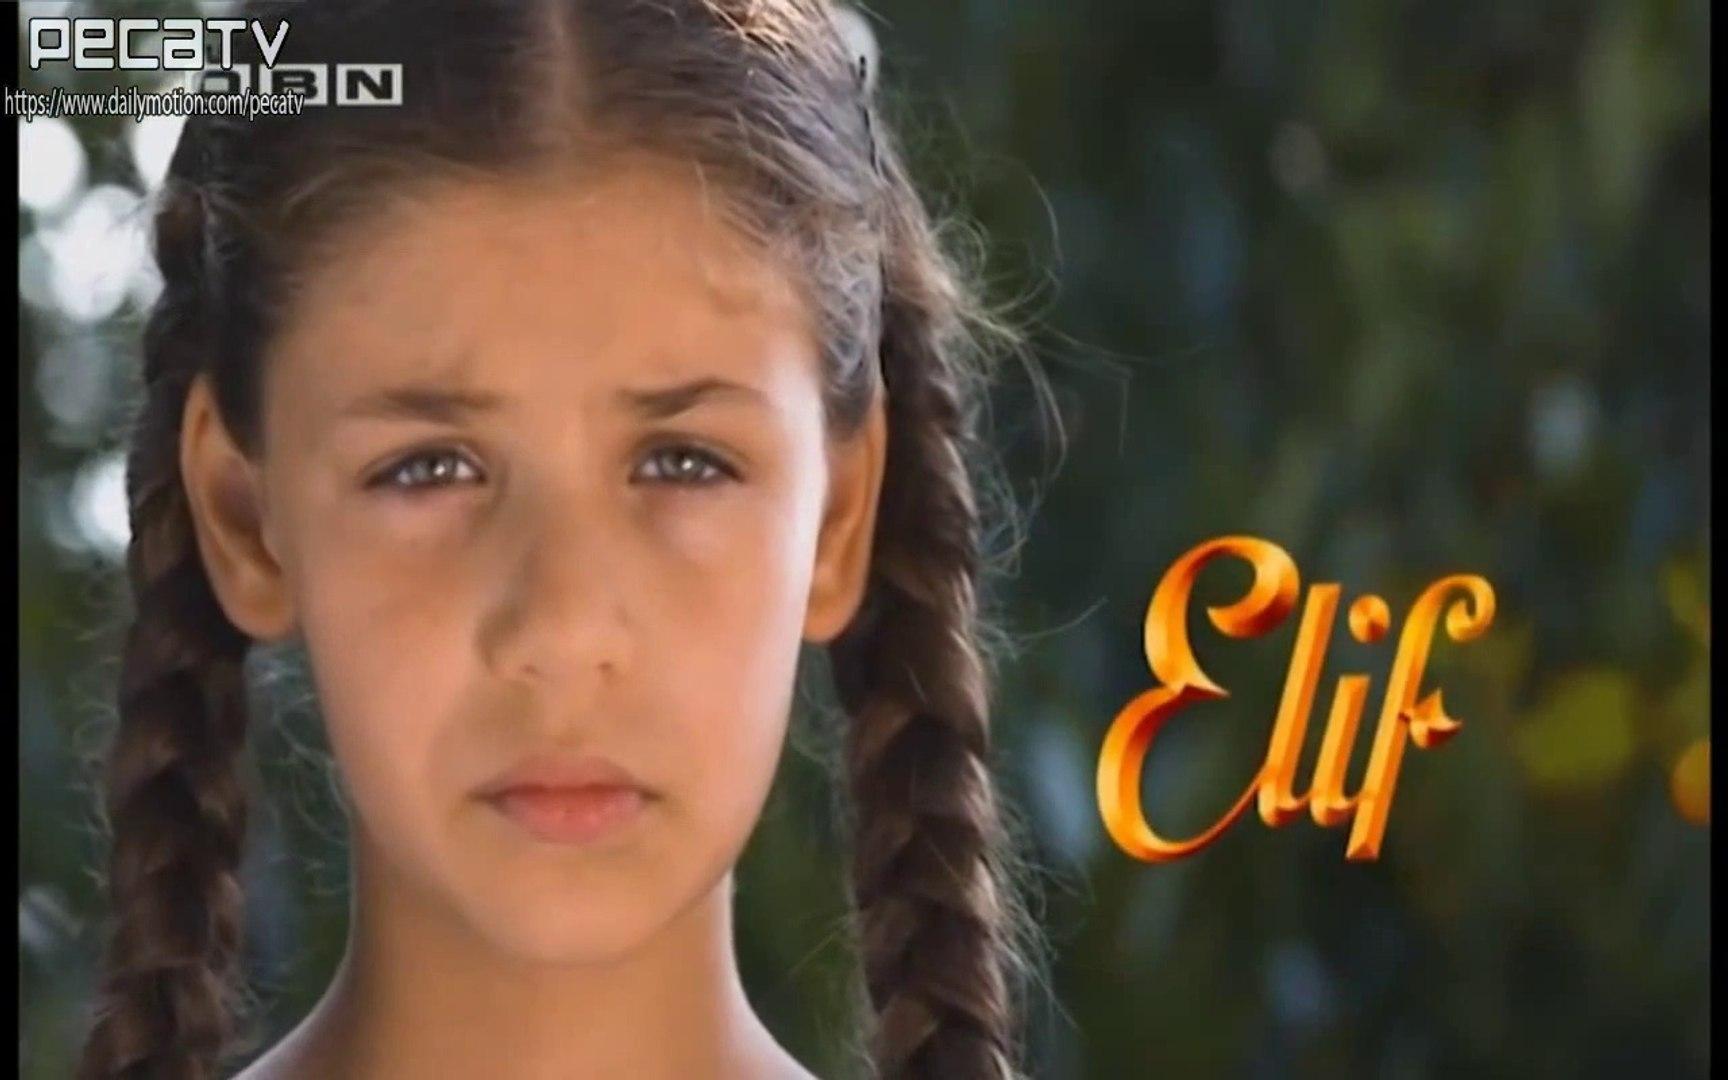 ELIF 889. NAJNOVIJA EPIZODA Sa Prevodom (19.10.2018) NOVA SEZONA